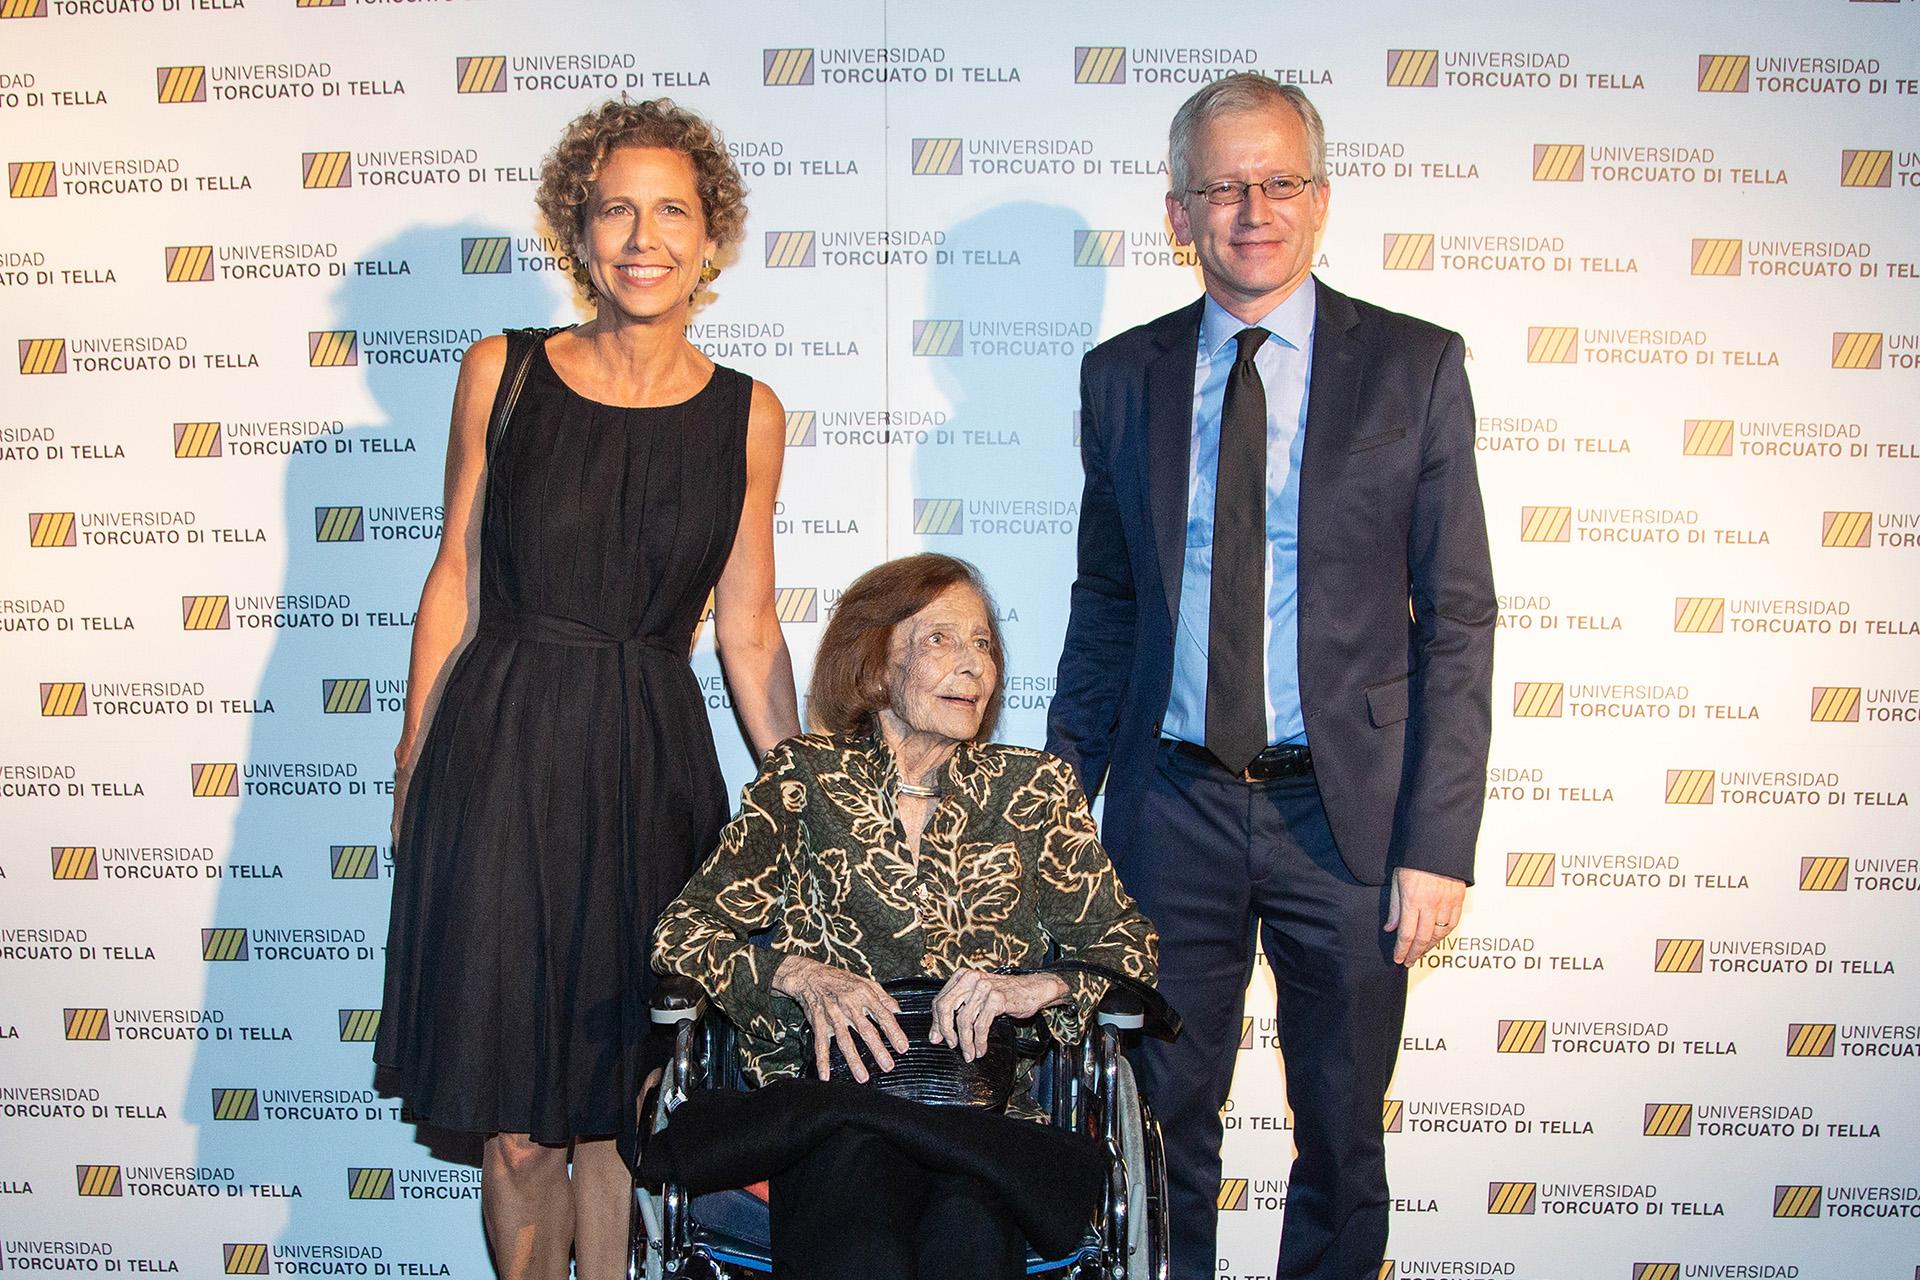 Paula y Nelly Di Tella, y Ernesto Schargrodsky